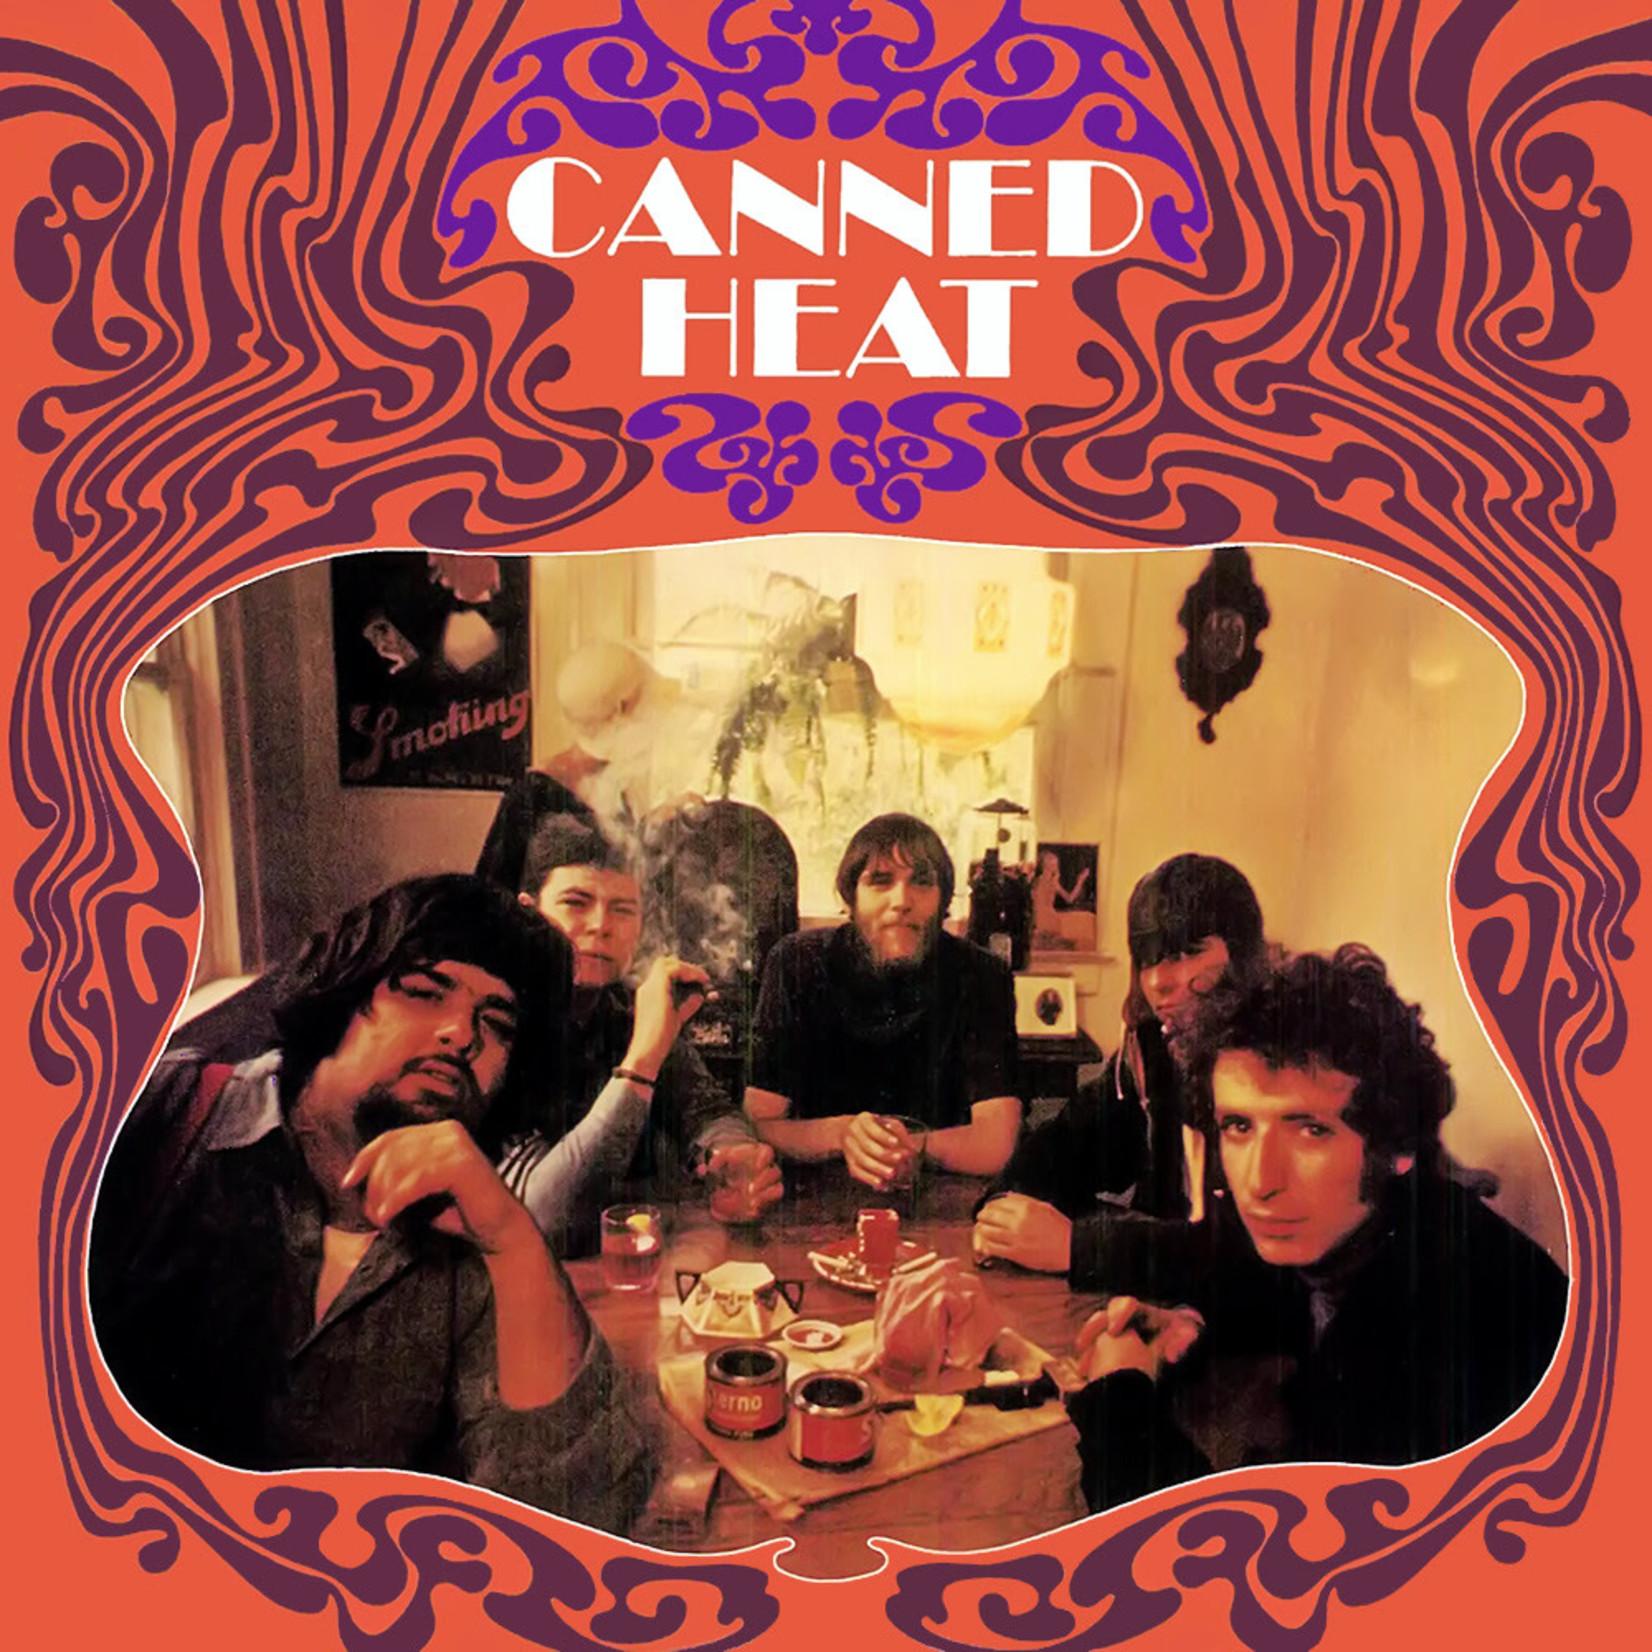 Vinyl Canned Heat - S/T